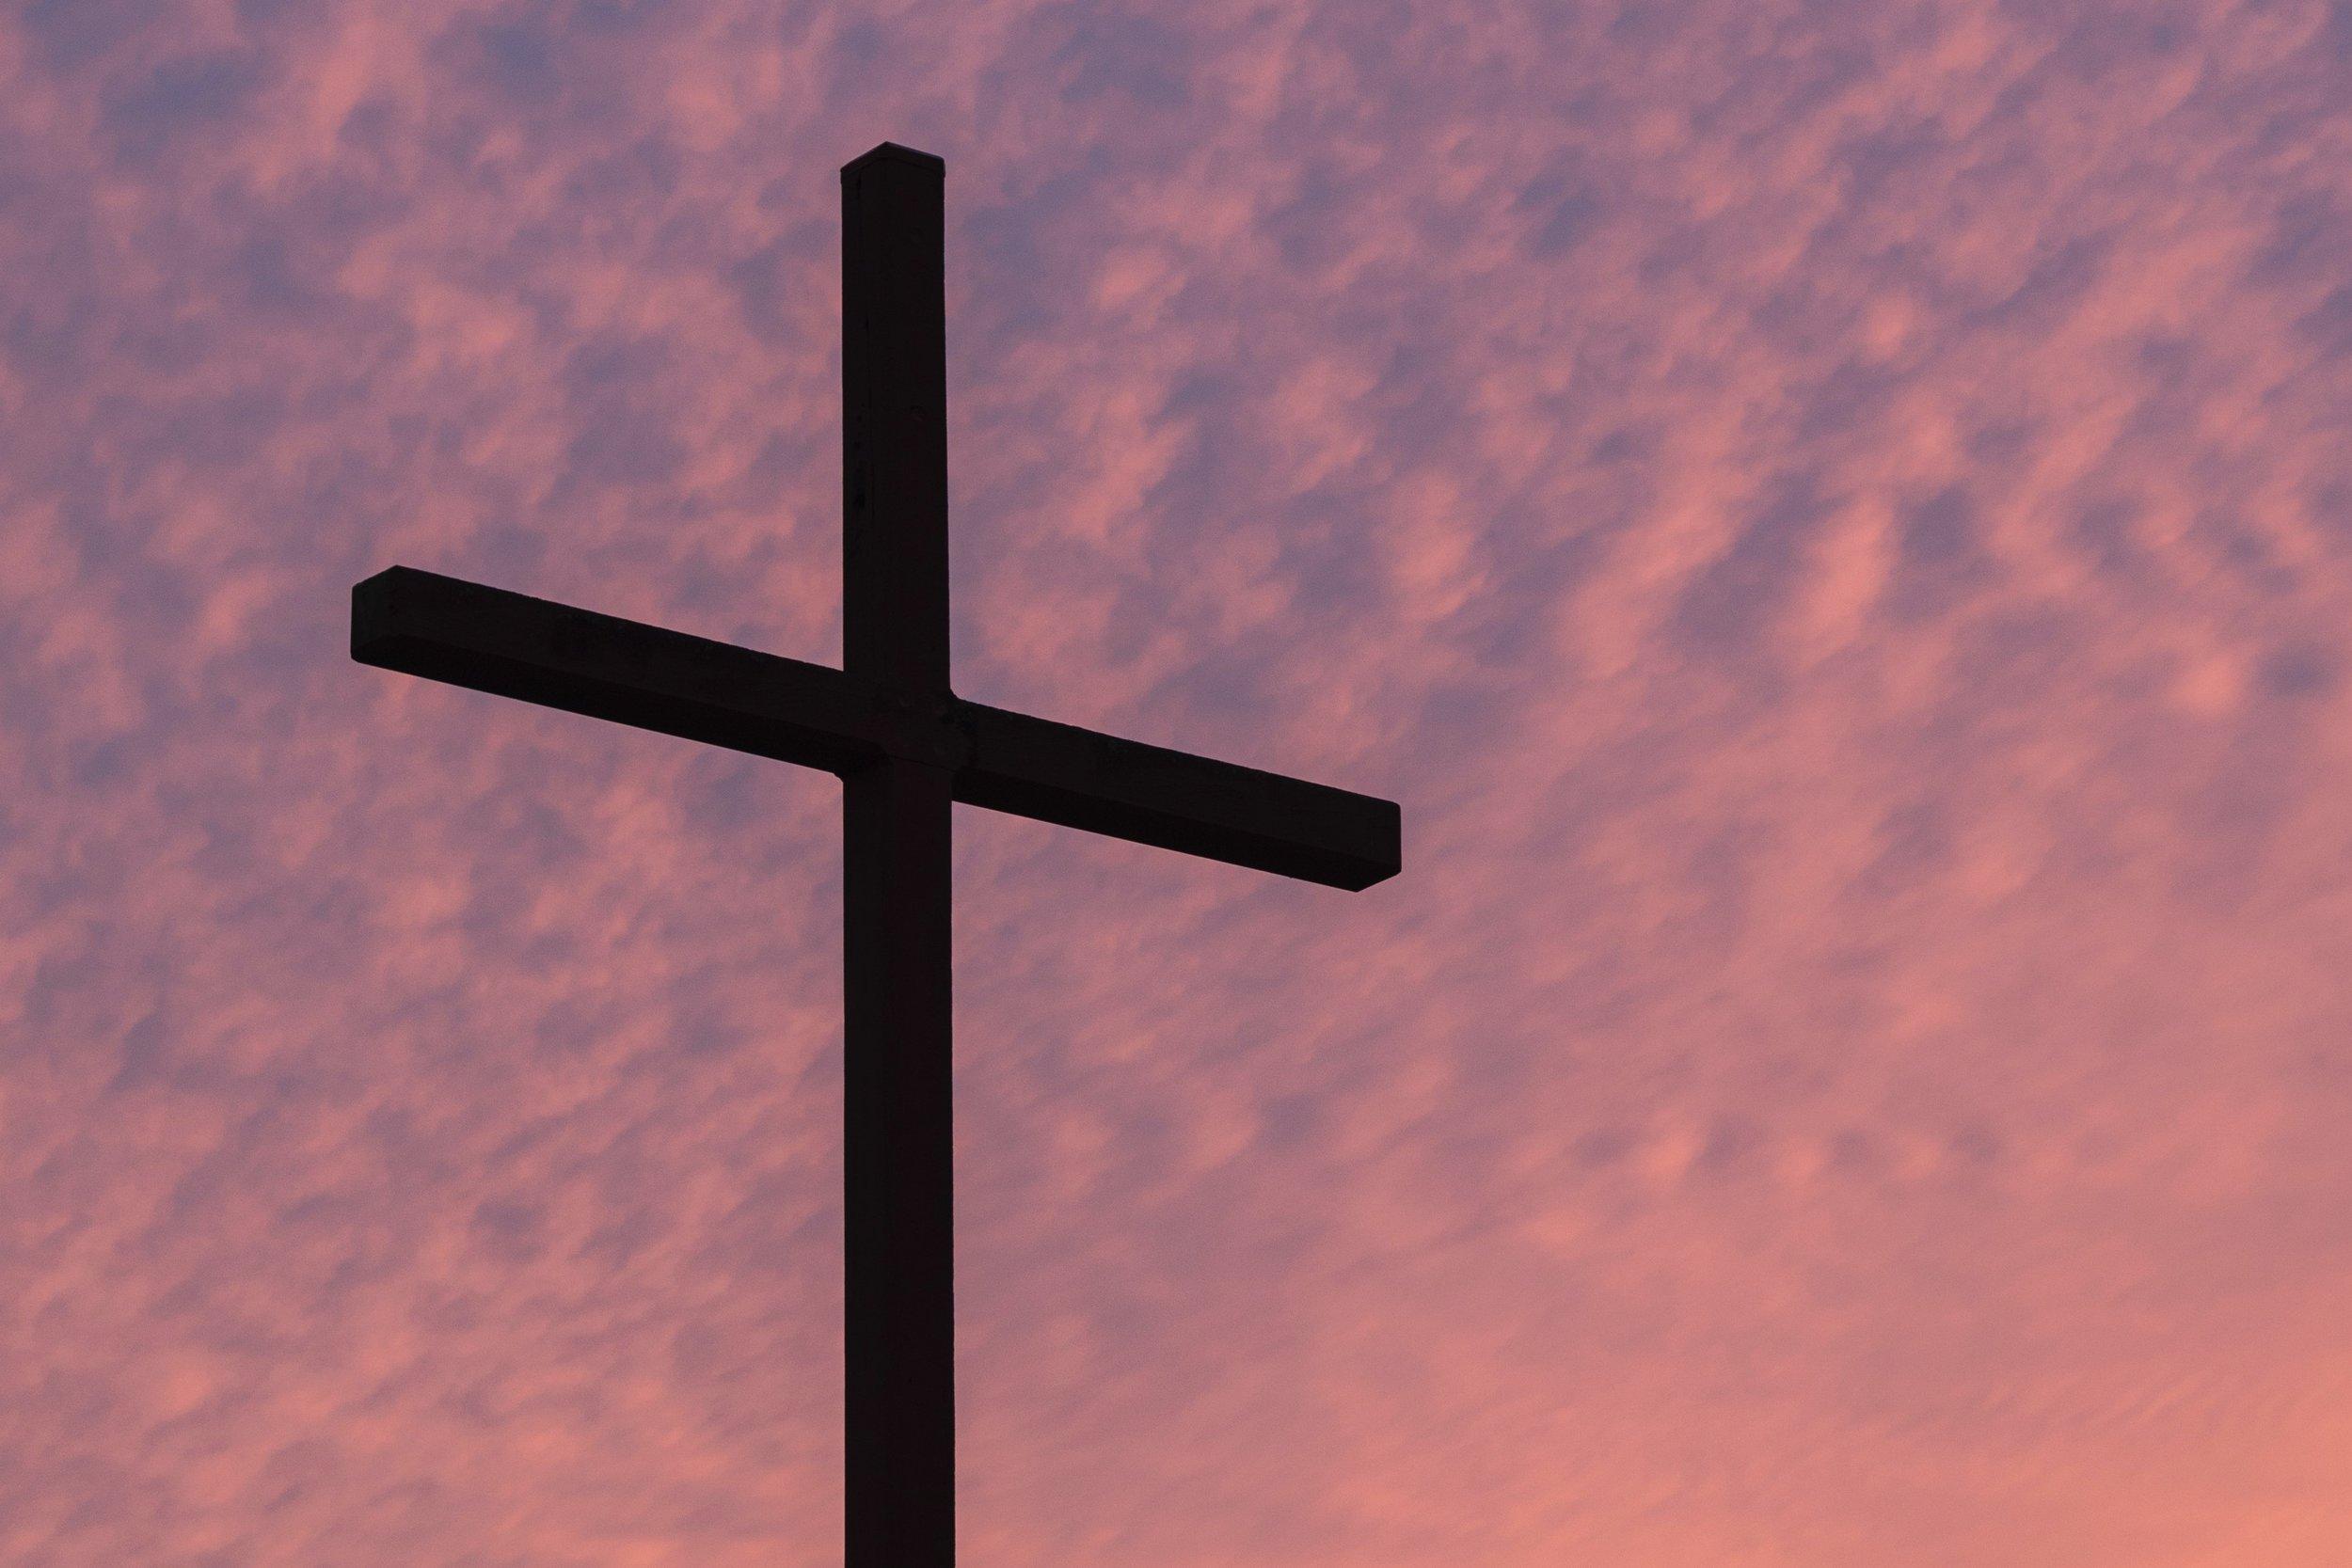 Lutheran_High_School_Association_Greater_Detroit_Michigan_LHSA_CHURCH.jpg